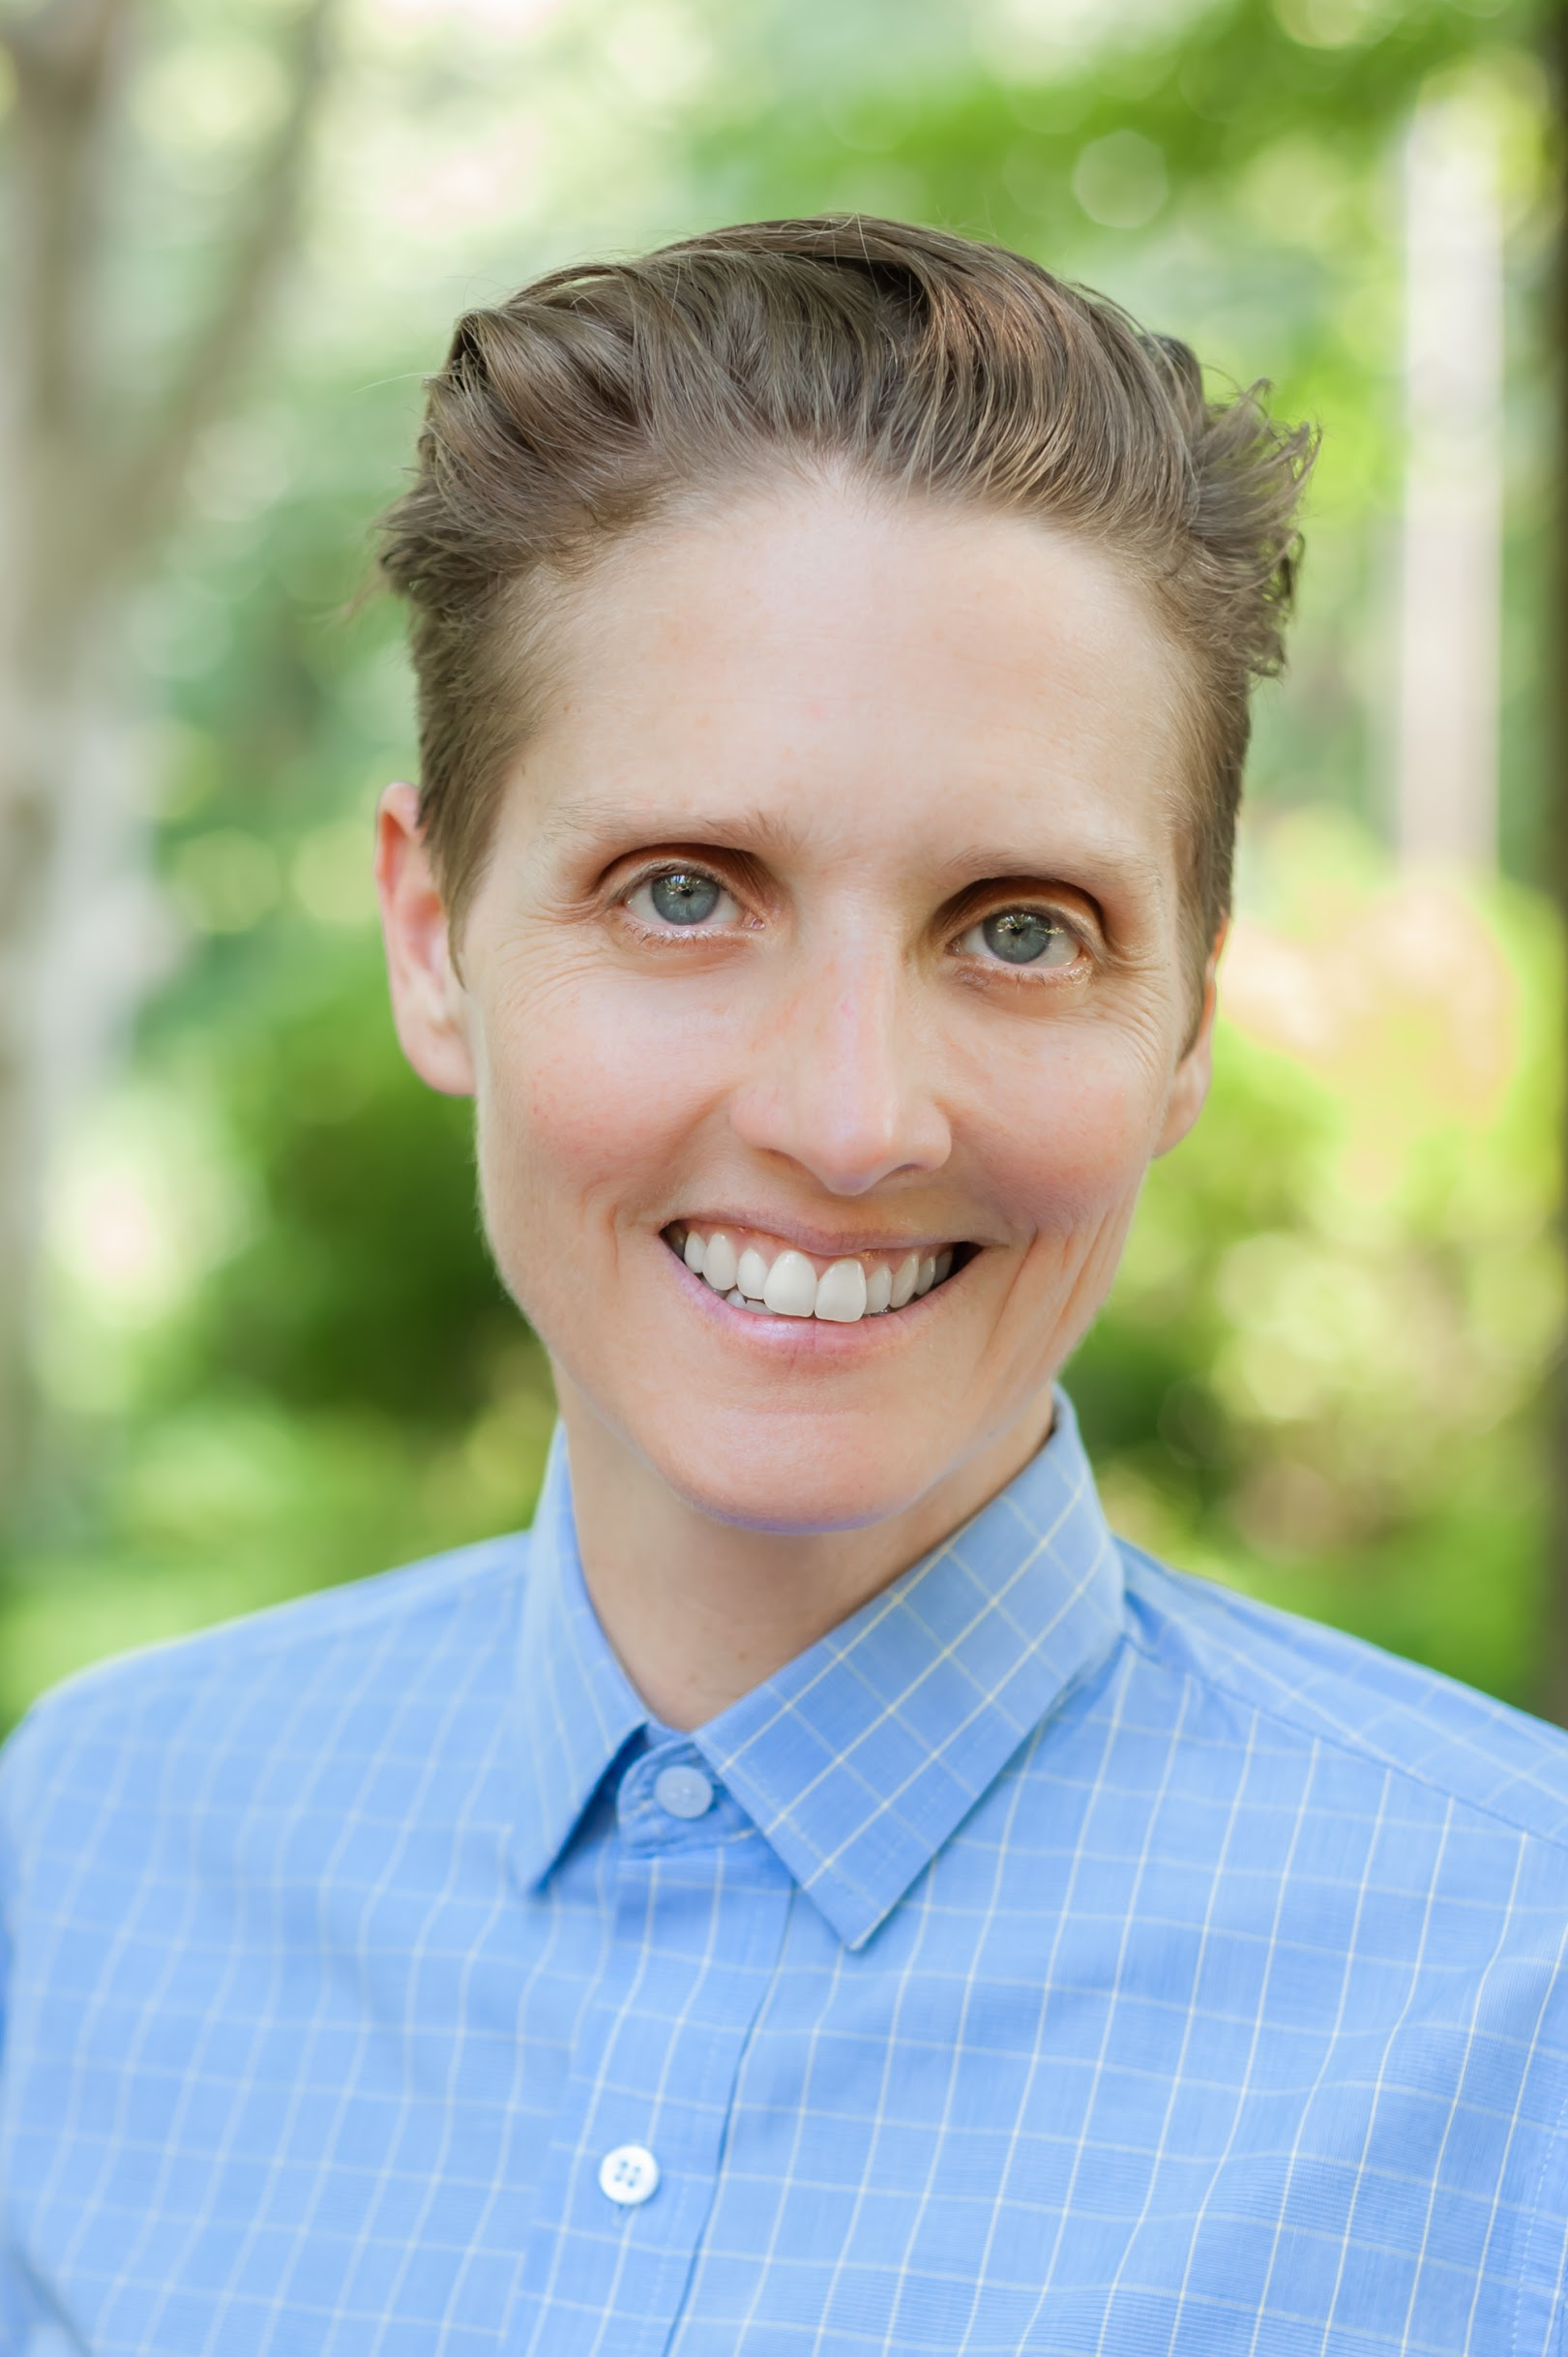 Leslie Meyers